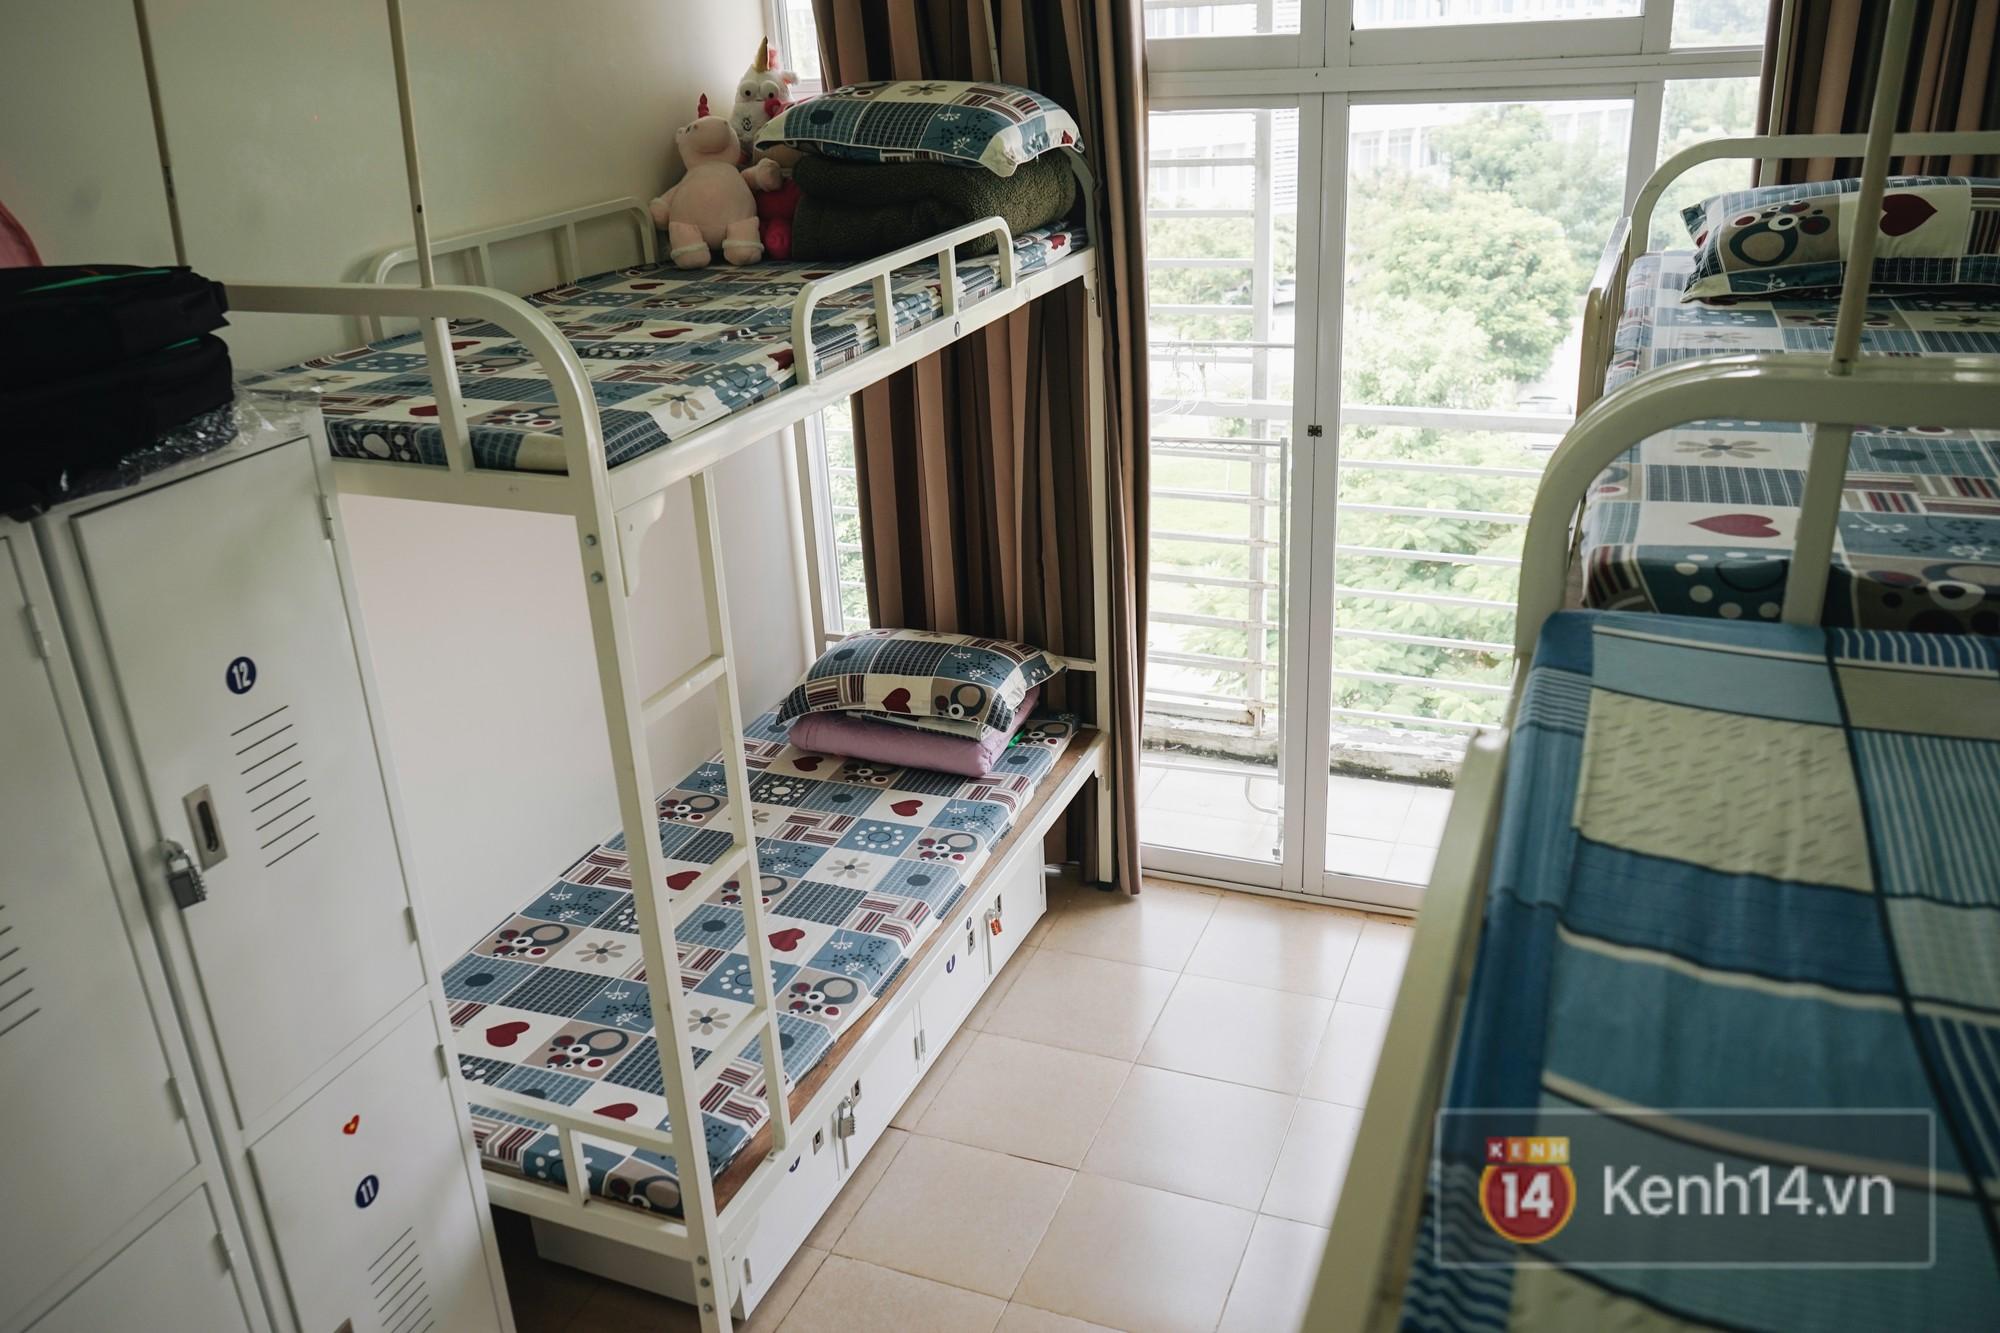 Ghé thăm ký túc xá đại học đẹp nhất nhì Việt Nam, nơi sinh viên hưởng cuộc sống chẳng khác gì ở khách sạn - Ảnh 15.